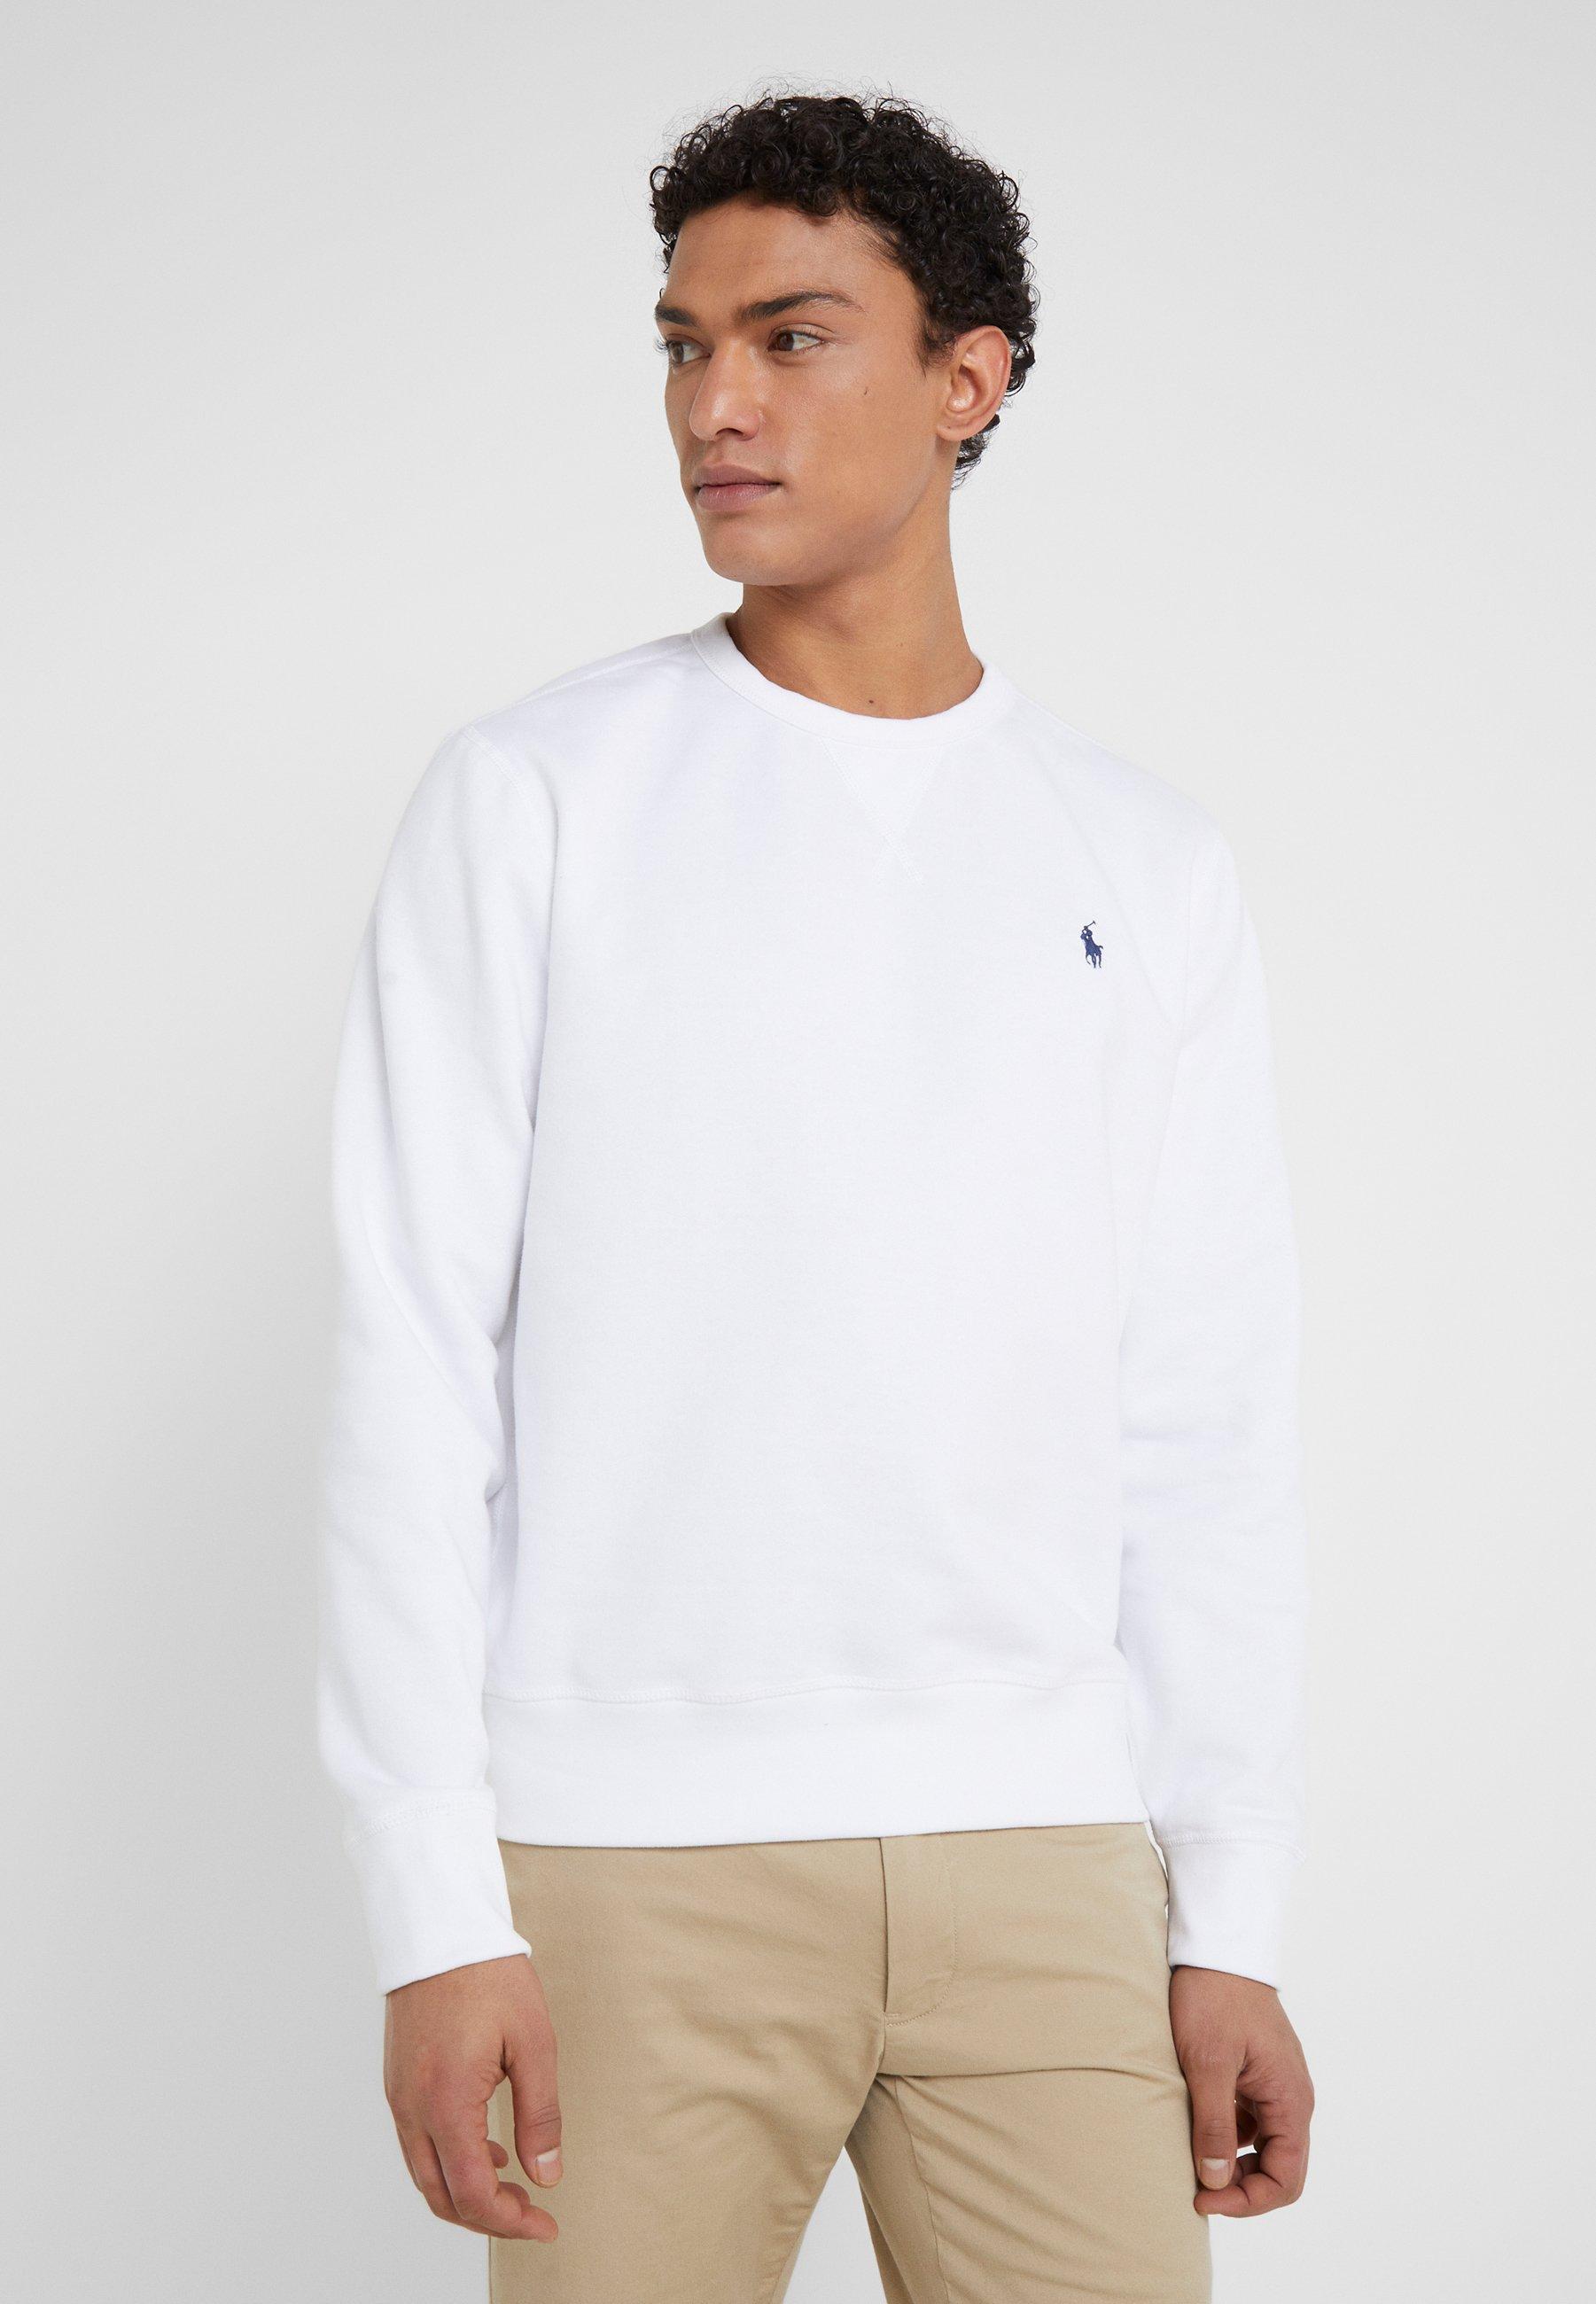 Witte Trui heren kopen? Alle Witte Truien heren online  